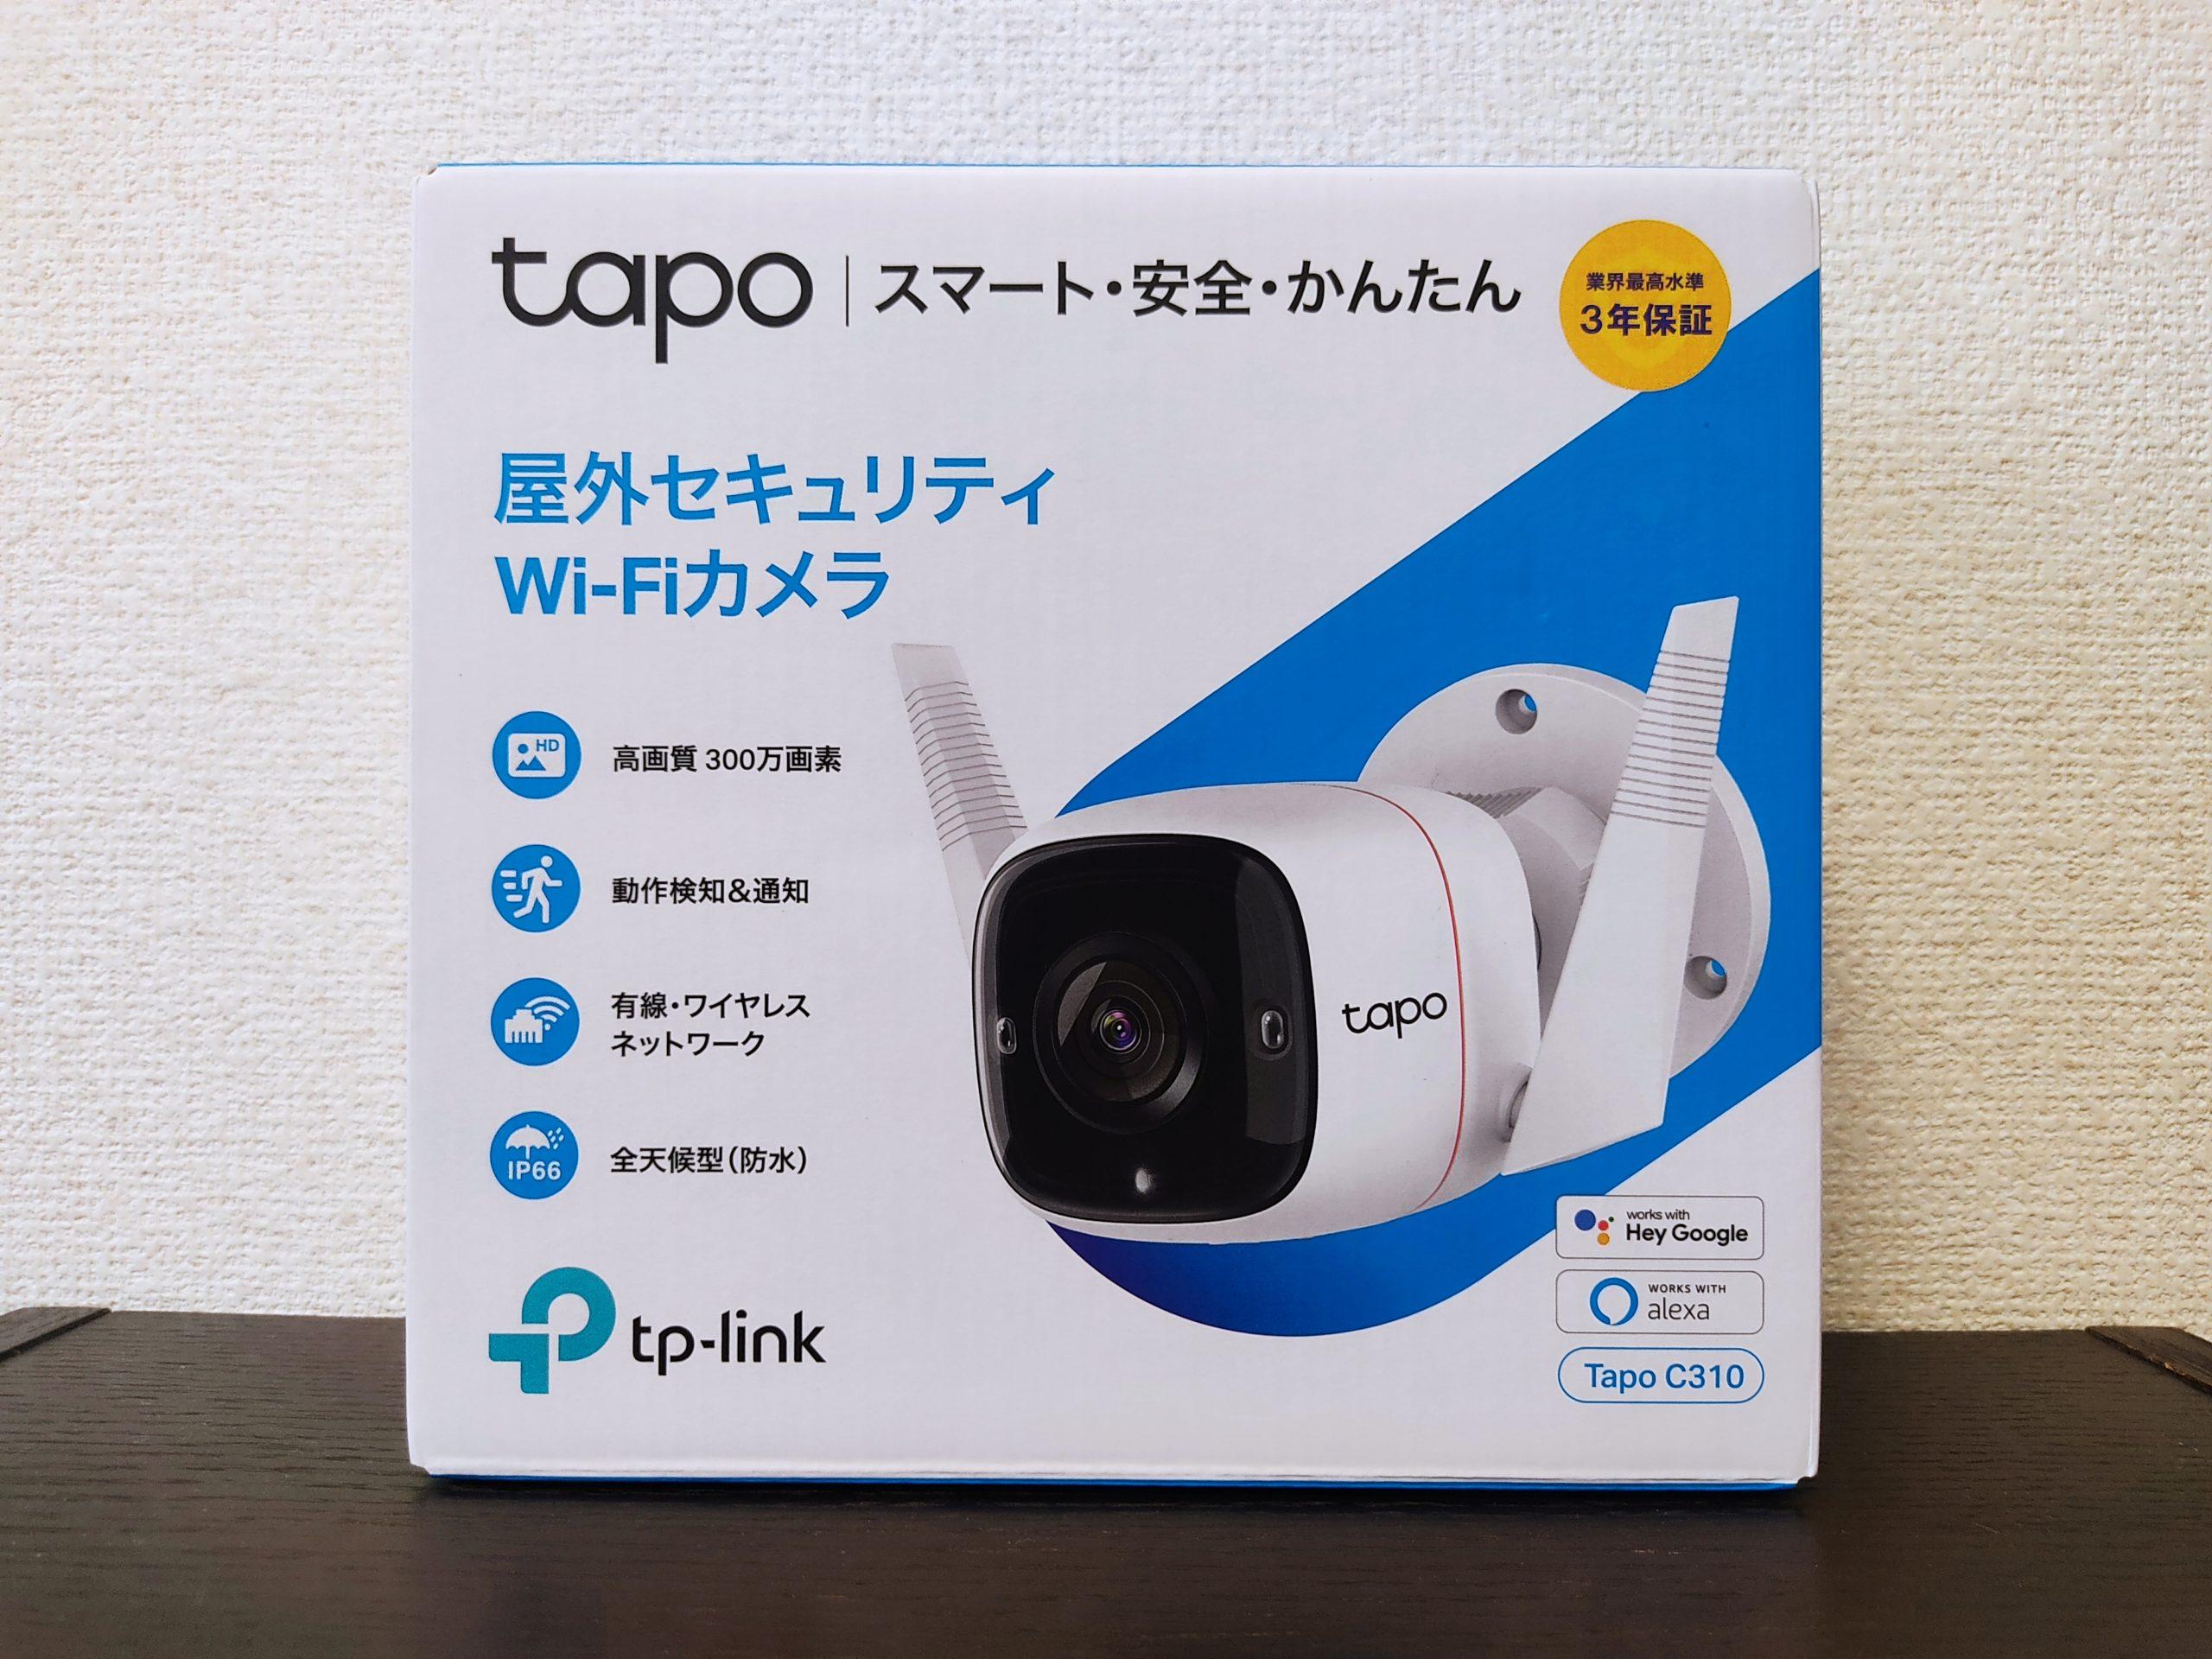 「Tapo C310」の製品パッケージ